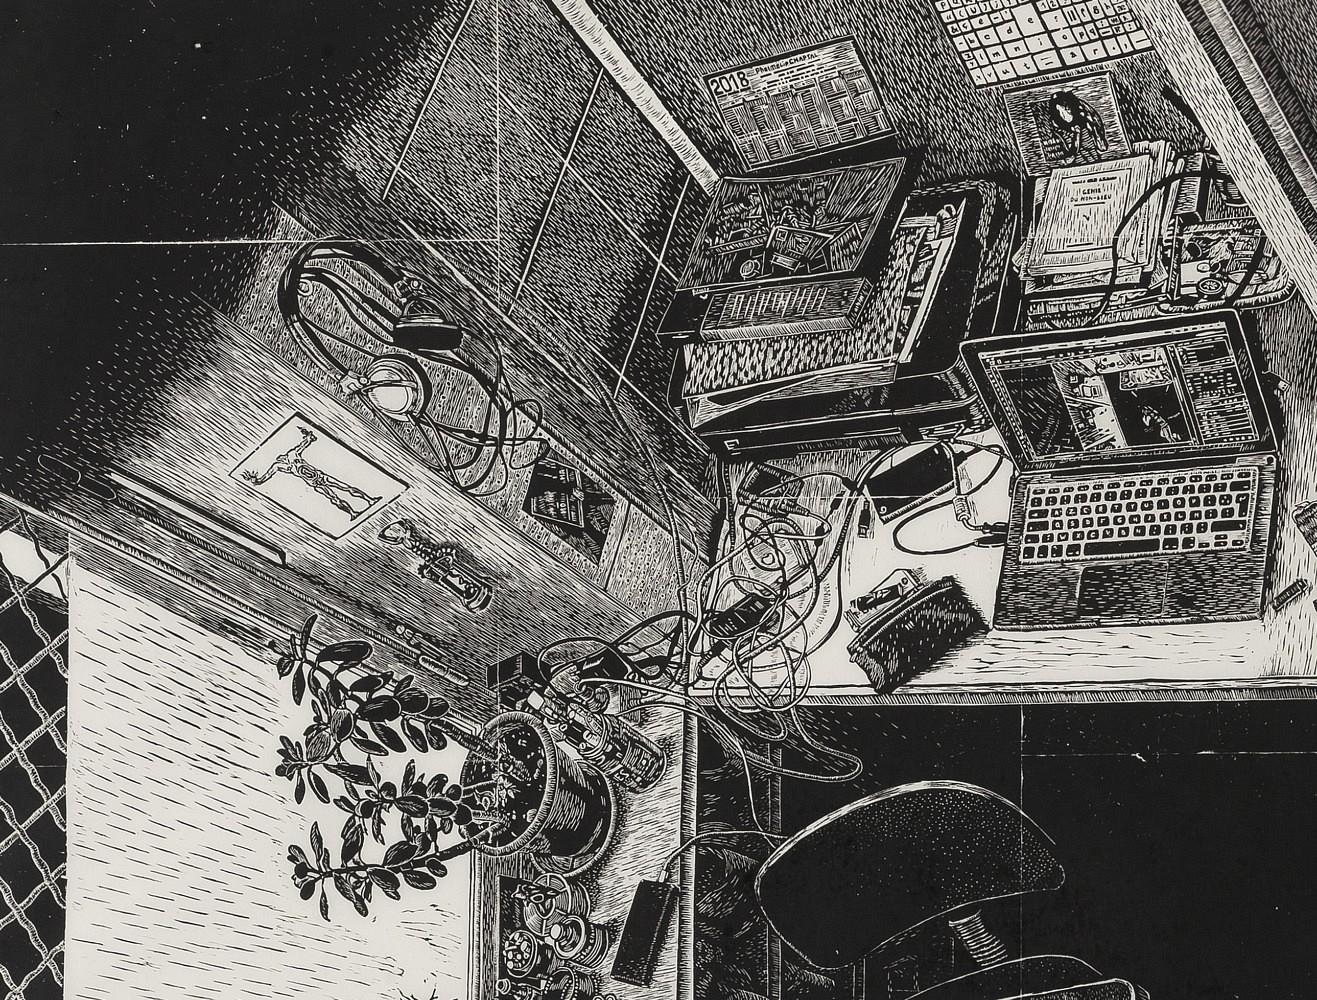 | Détail (coin de fenêtre, plante, ordinateur), 68x90 cm